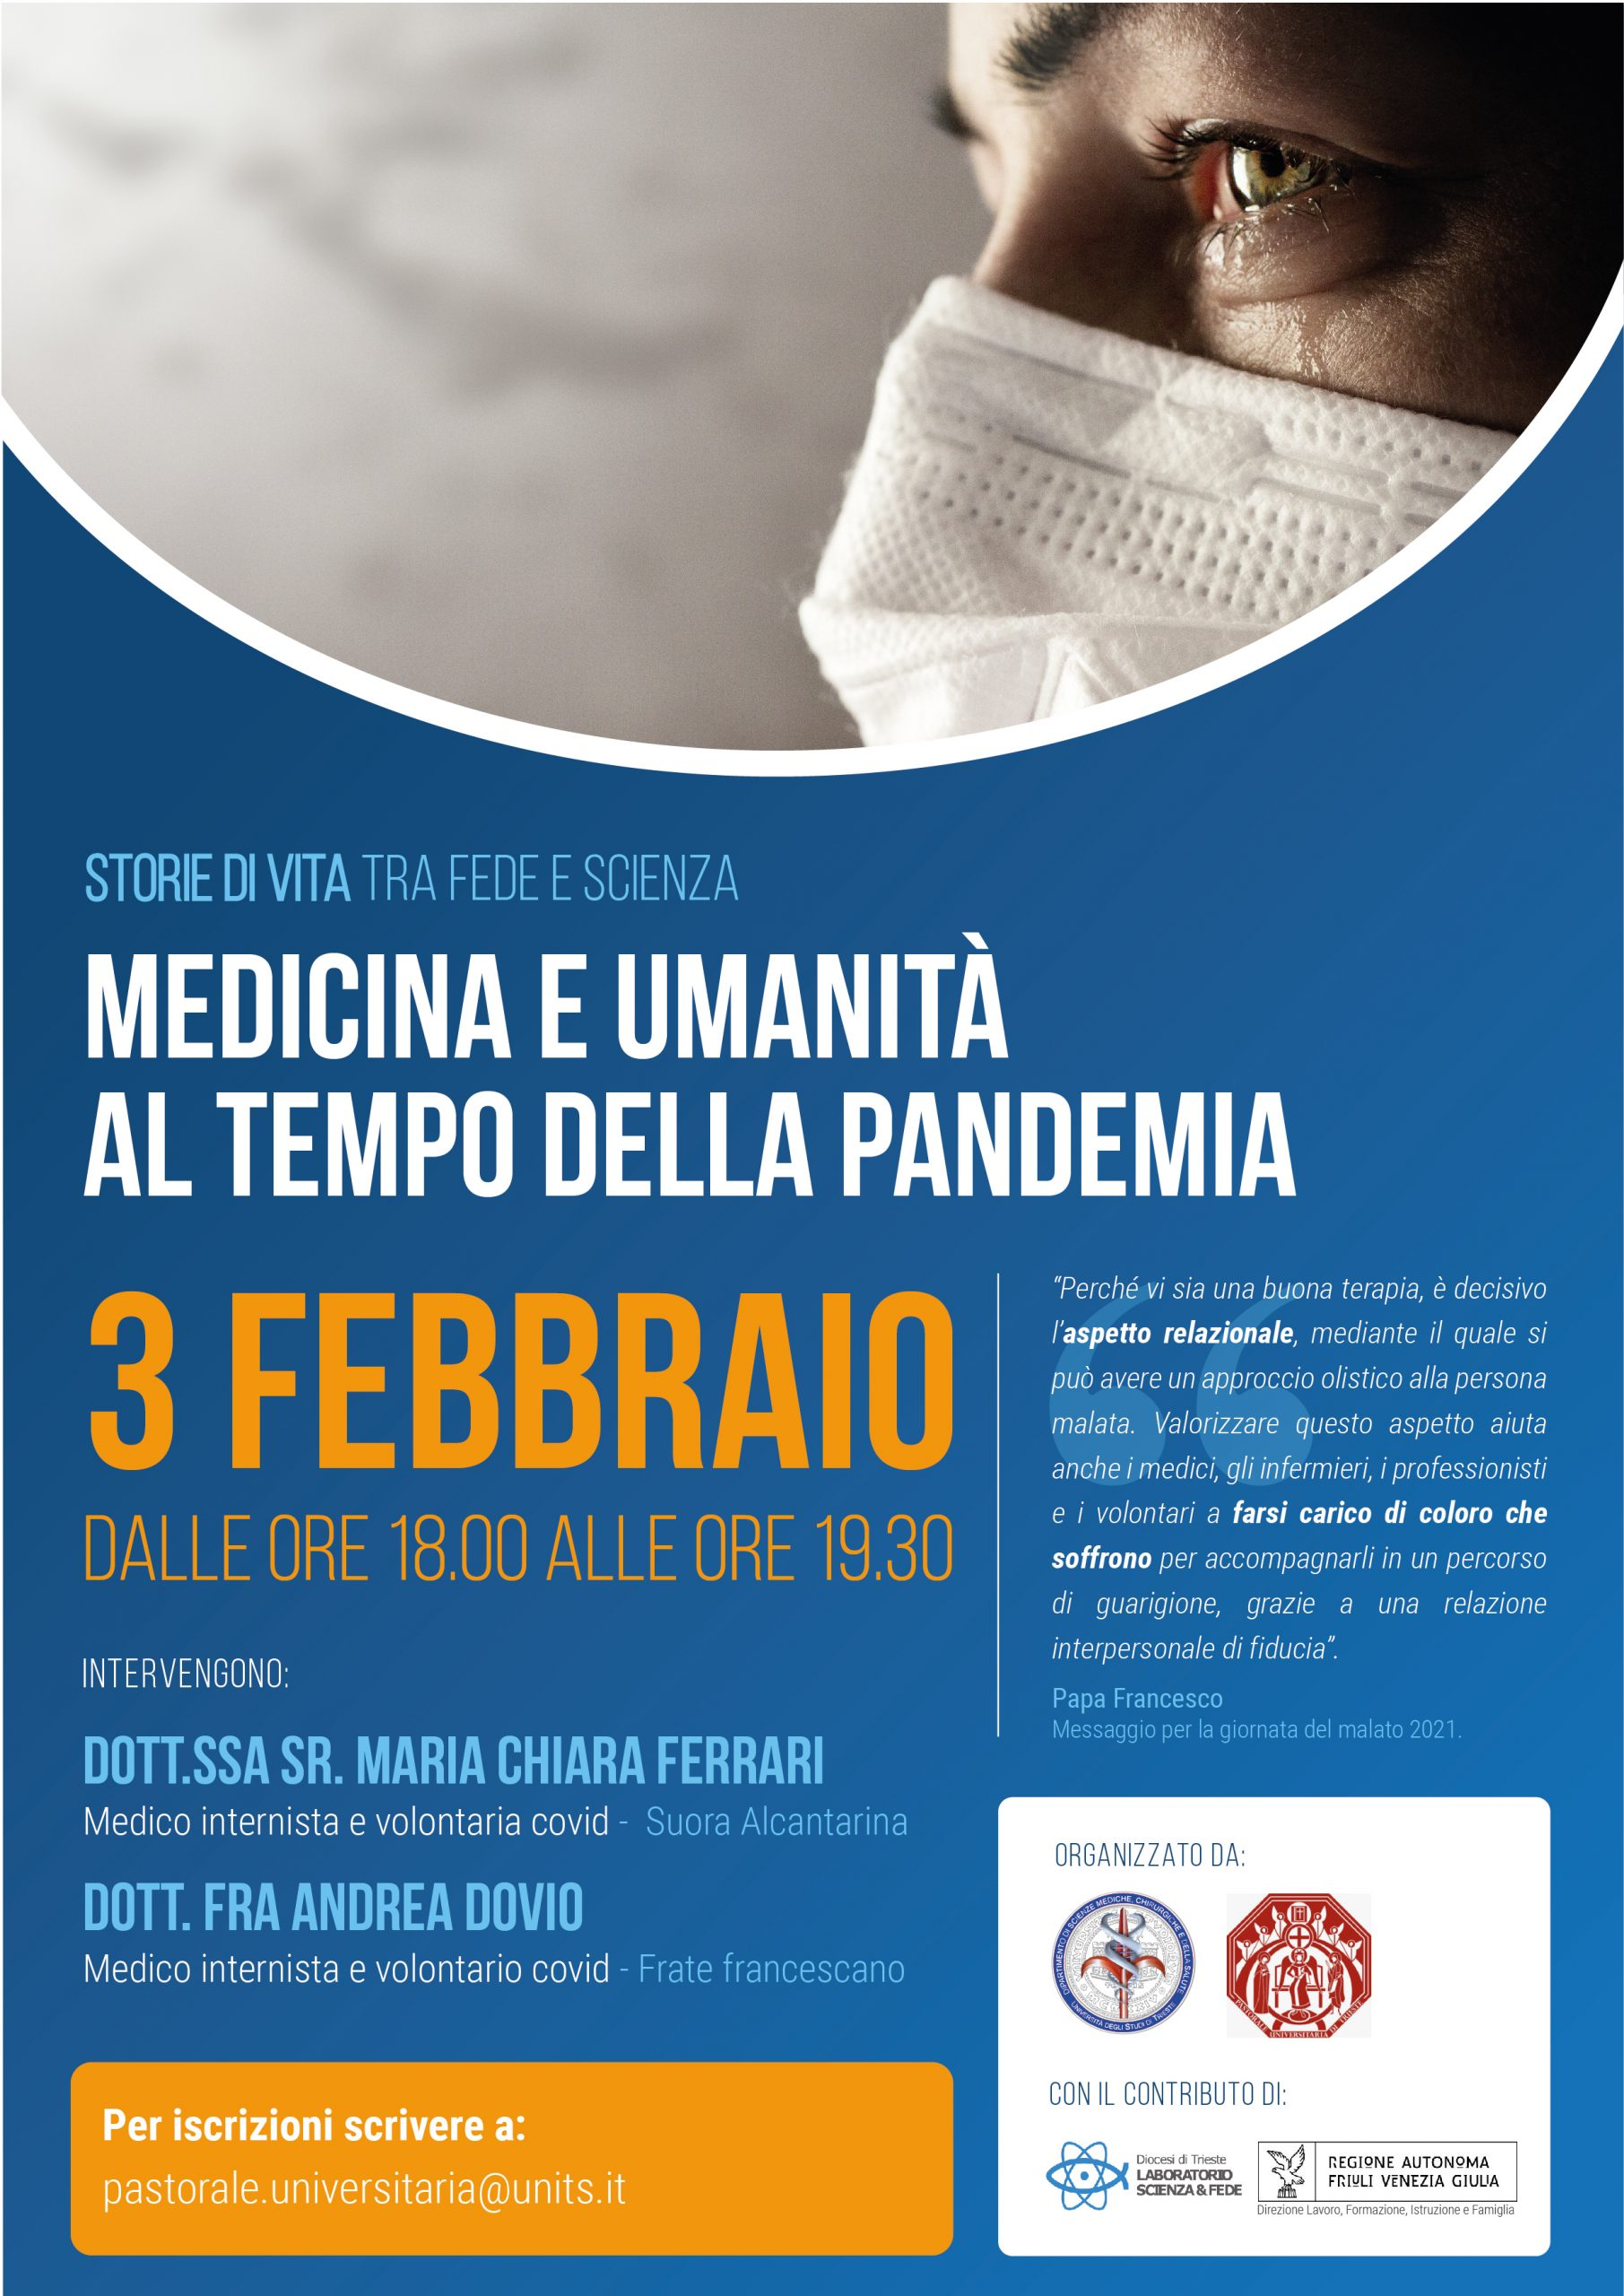 Medicina e umanità al tempo della pandemia